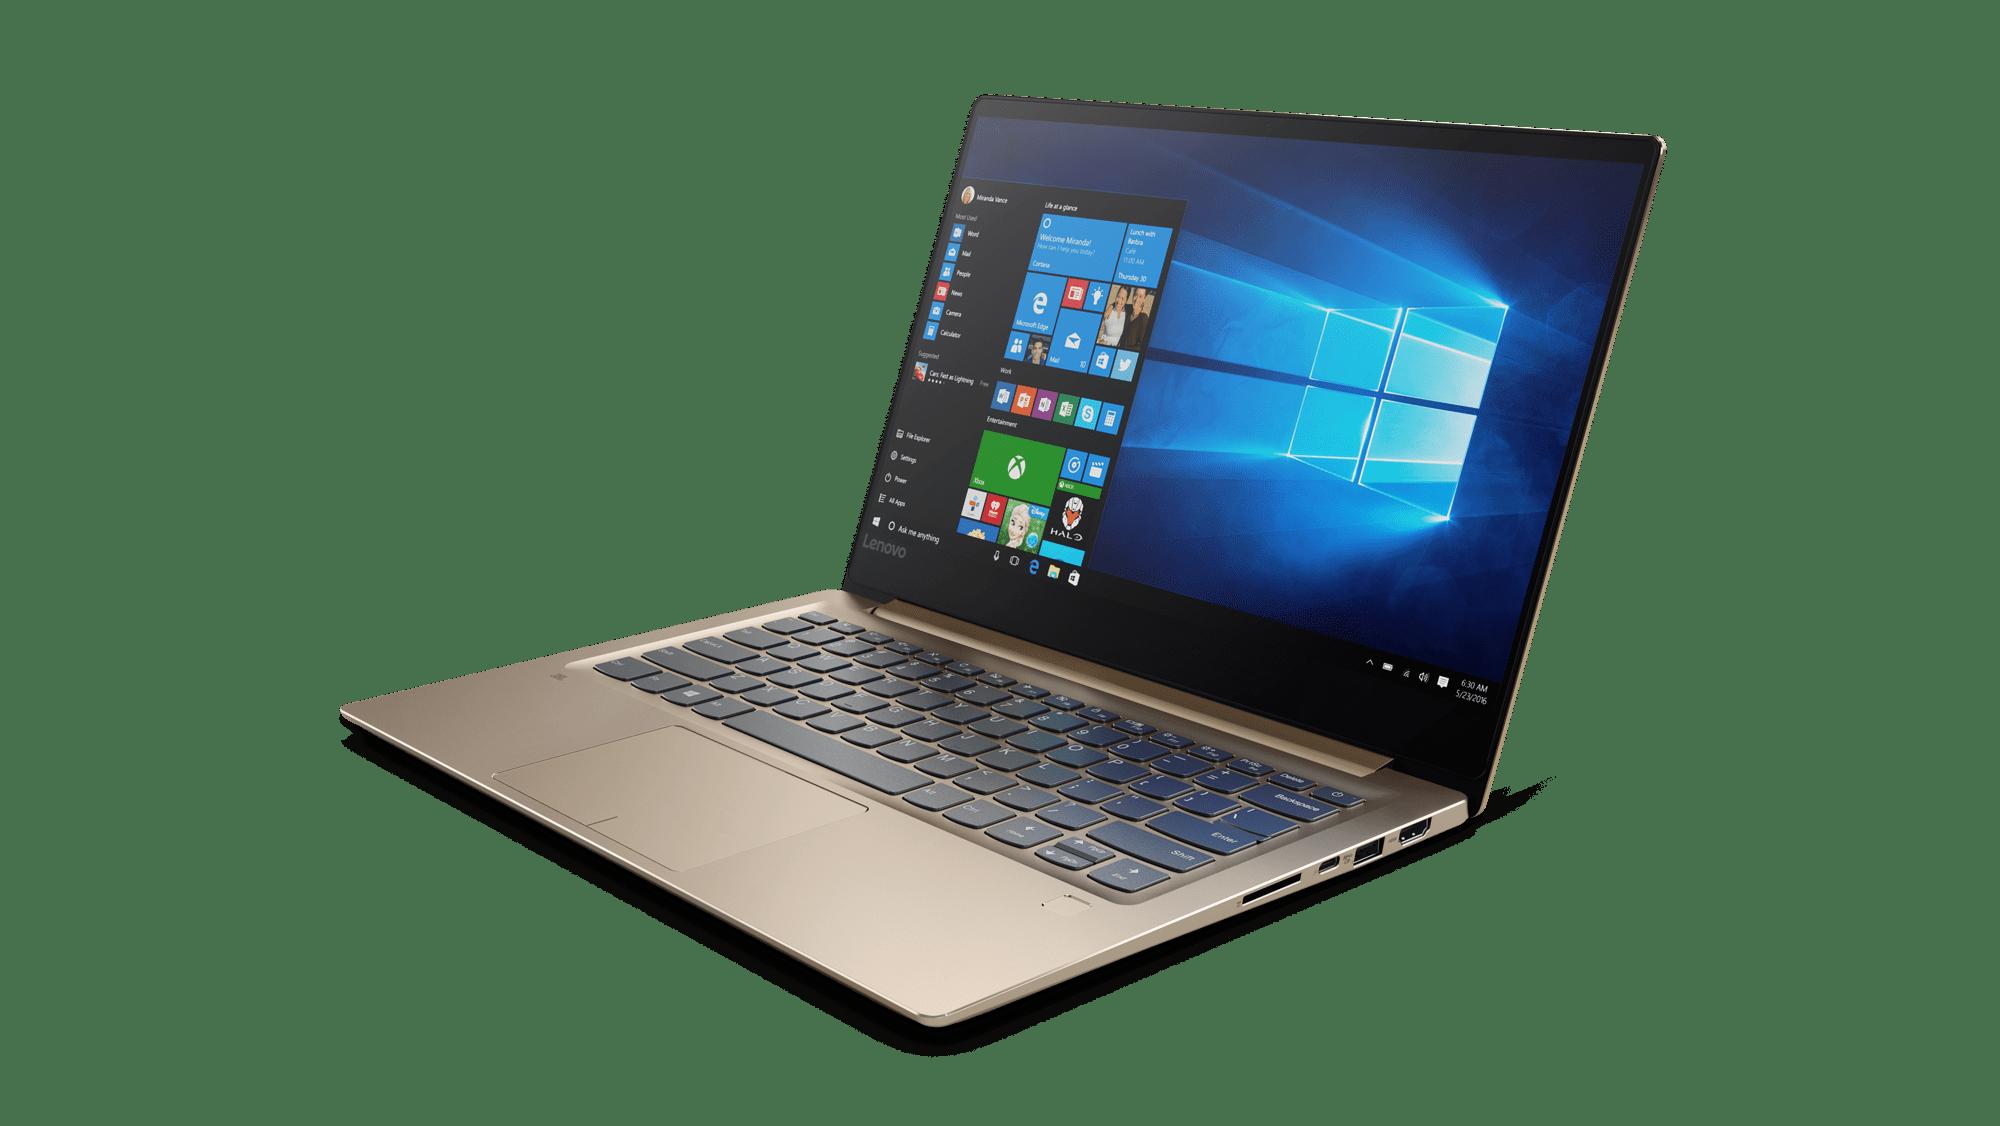 Ремонт ноутбуков и компьютеров Lenovo